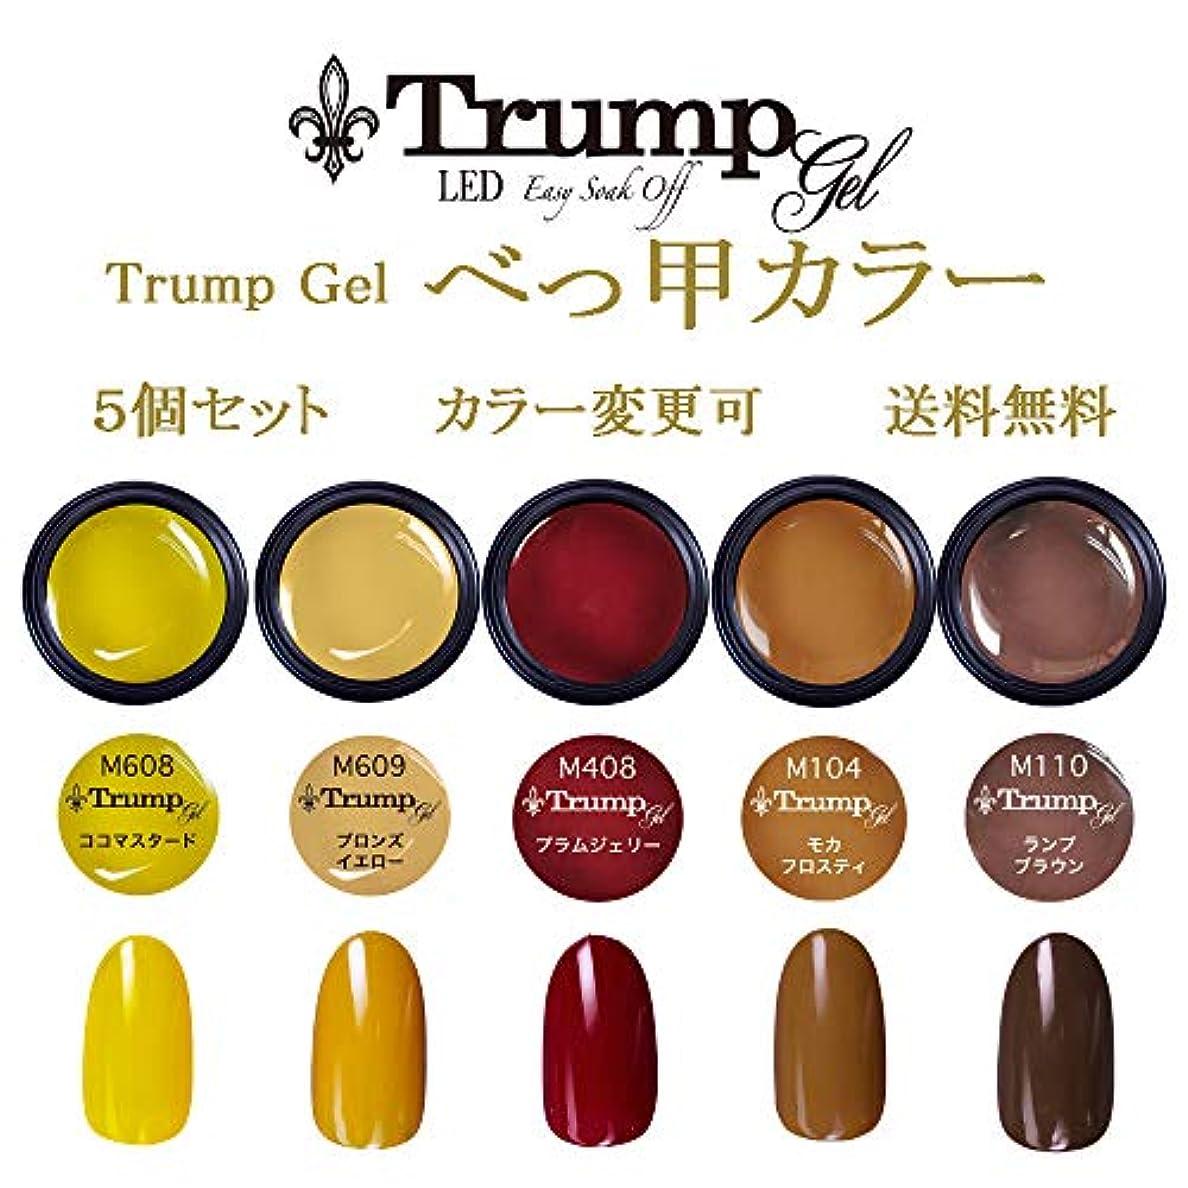 太鼓腹タイヤ抱擁日本製 Trump gel トランプジェル べっ甲 ネイルカラー 選べる カラージェル 5個セット イエロー ブラウン ワイン べっこう